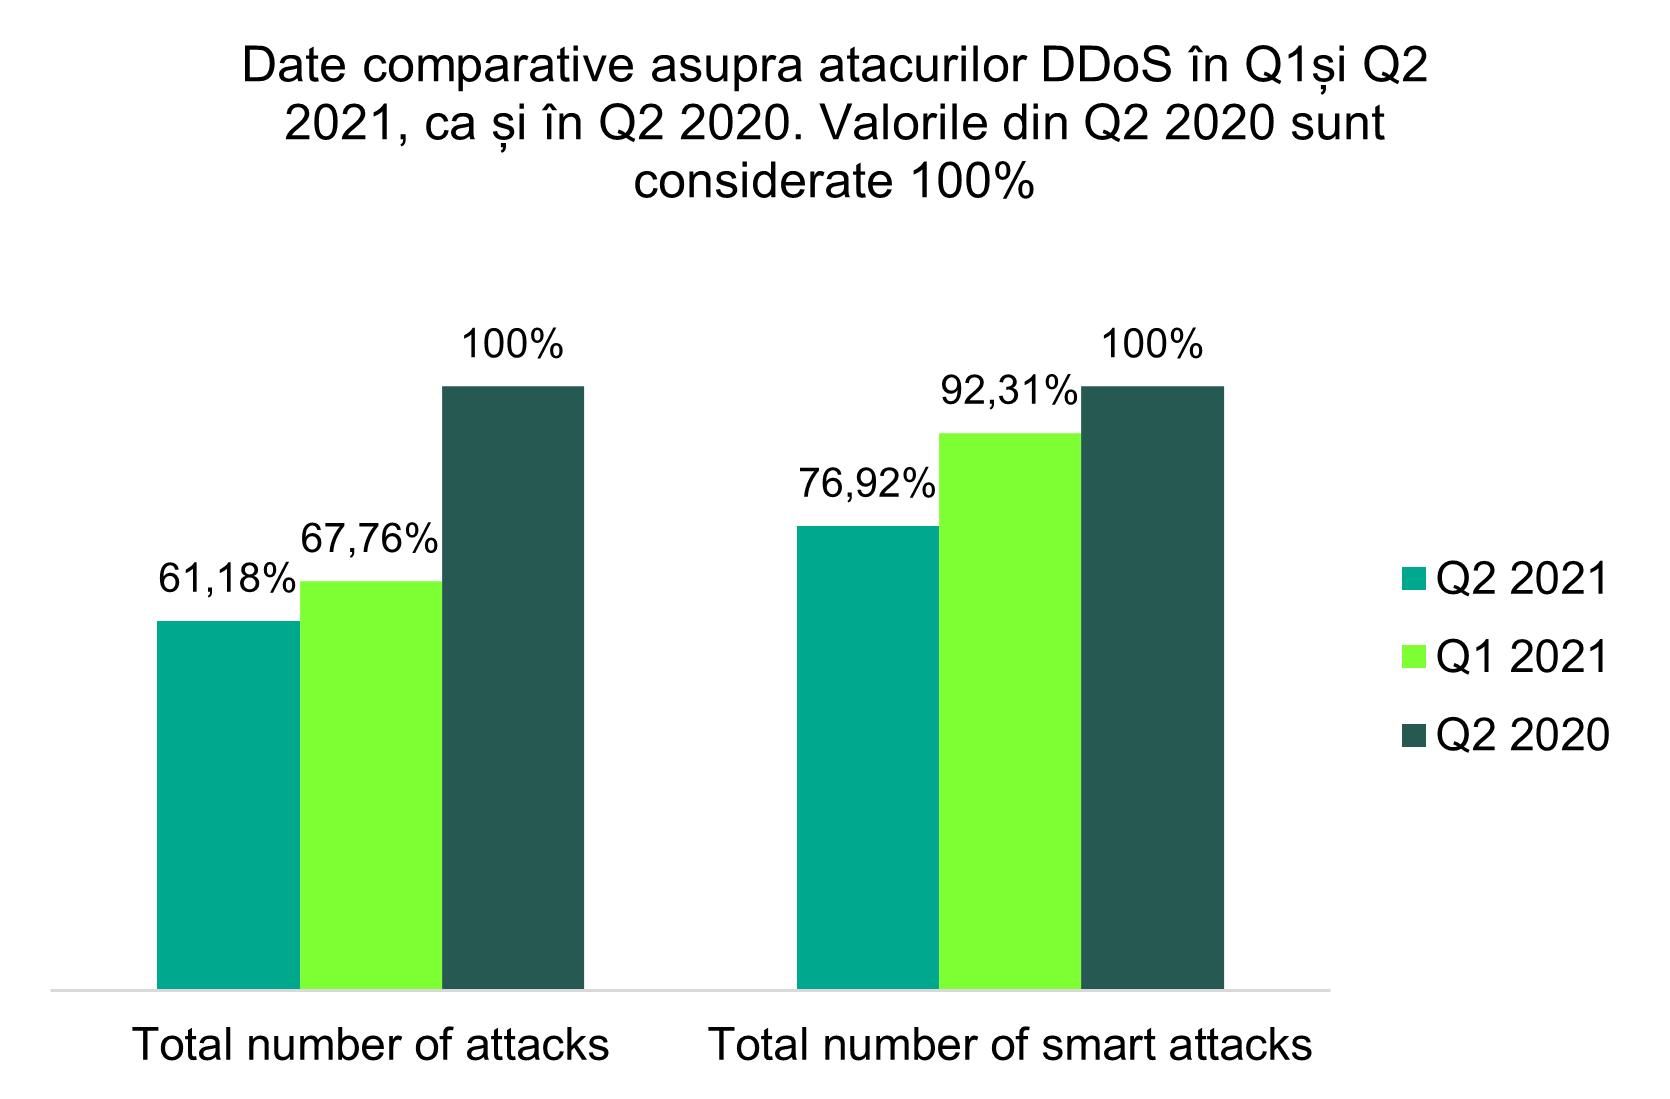 Efectele sezonului estival: mai puține atacuri DDoS și mici schimbări în ceea ce privește zonele geografice vizate în T2 2021